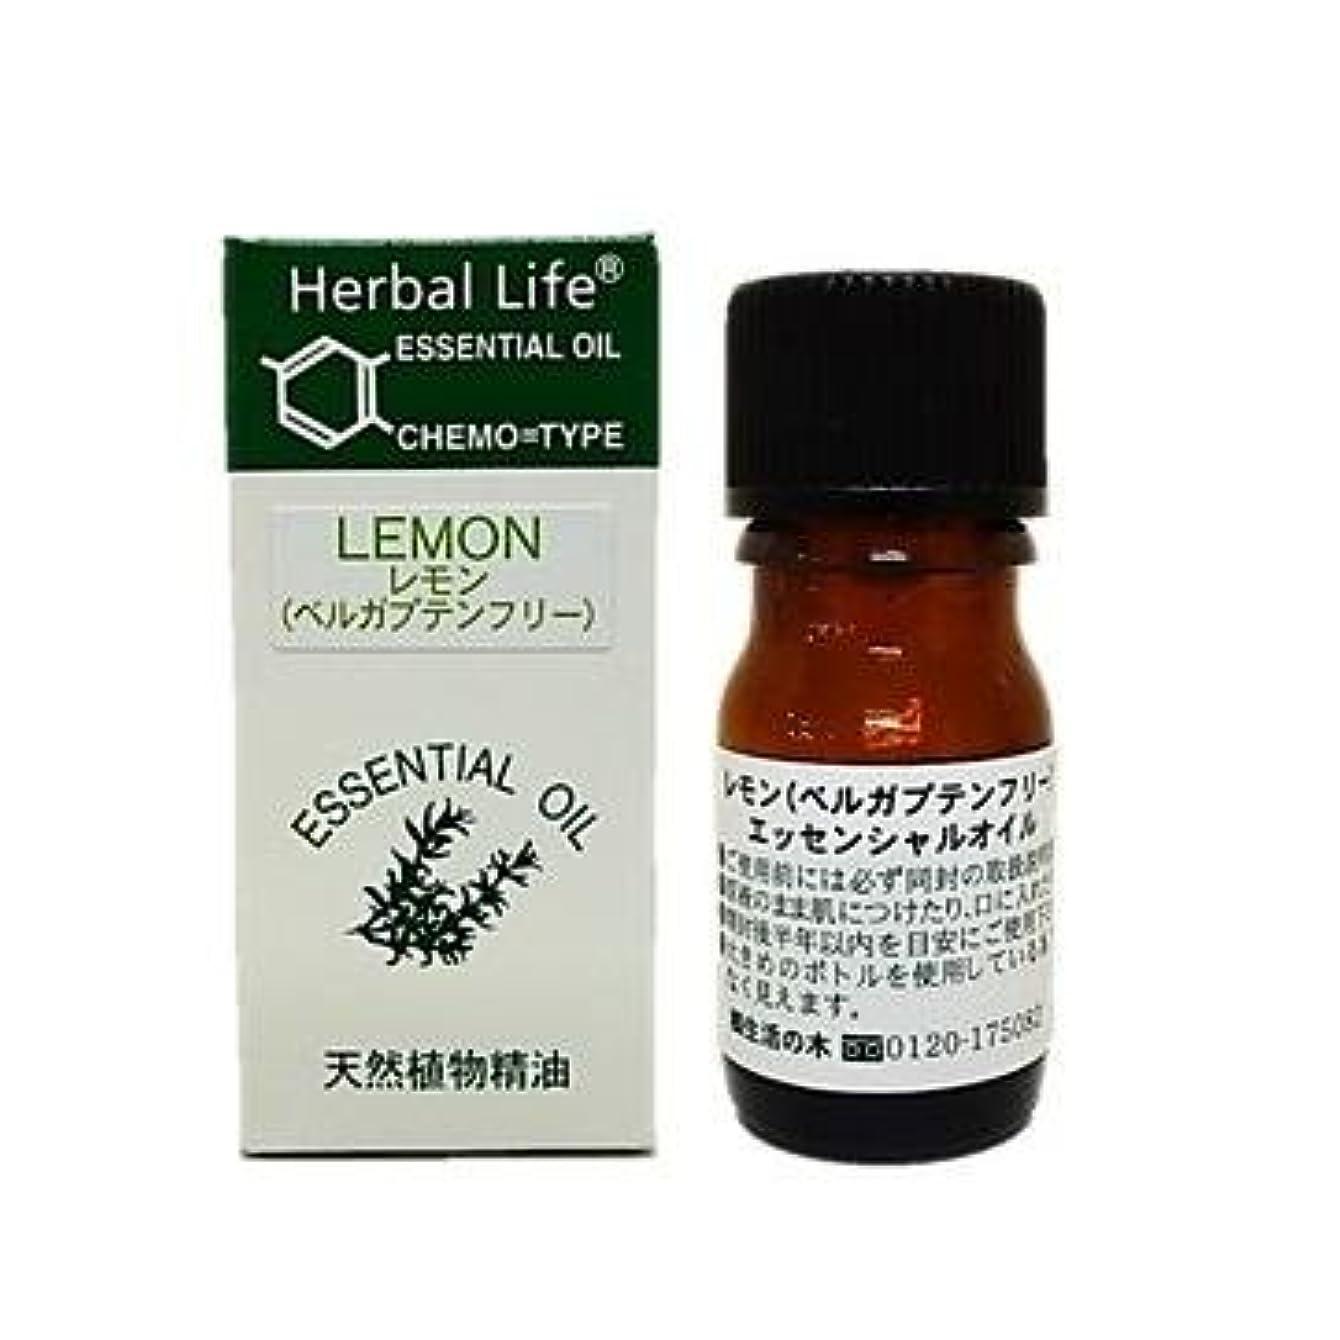 配当キャップ同様に生活の木 レモン(フロクマリンフリー)3ml エッセンシャルオイル/精油